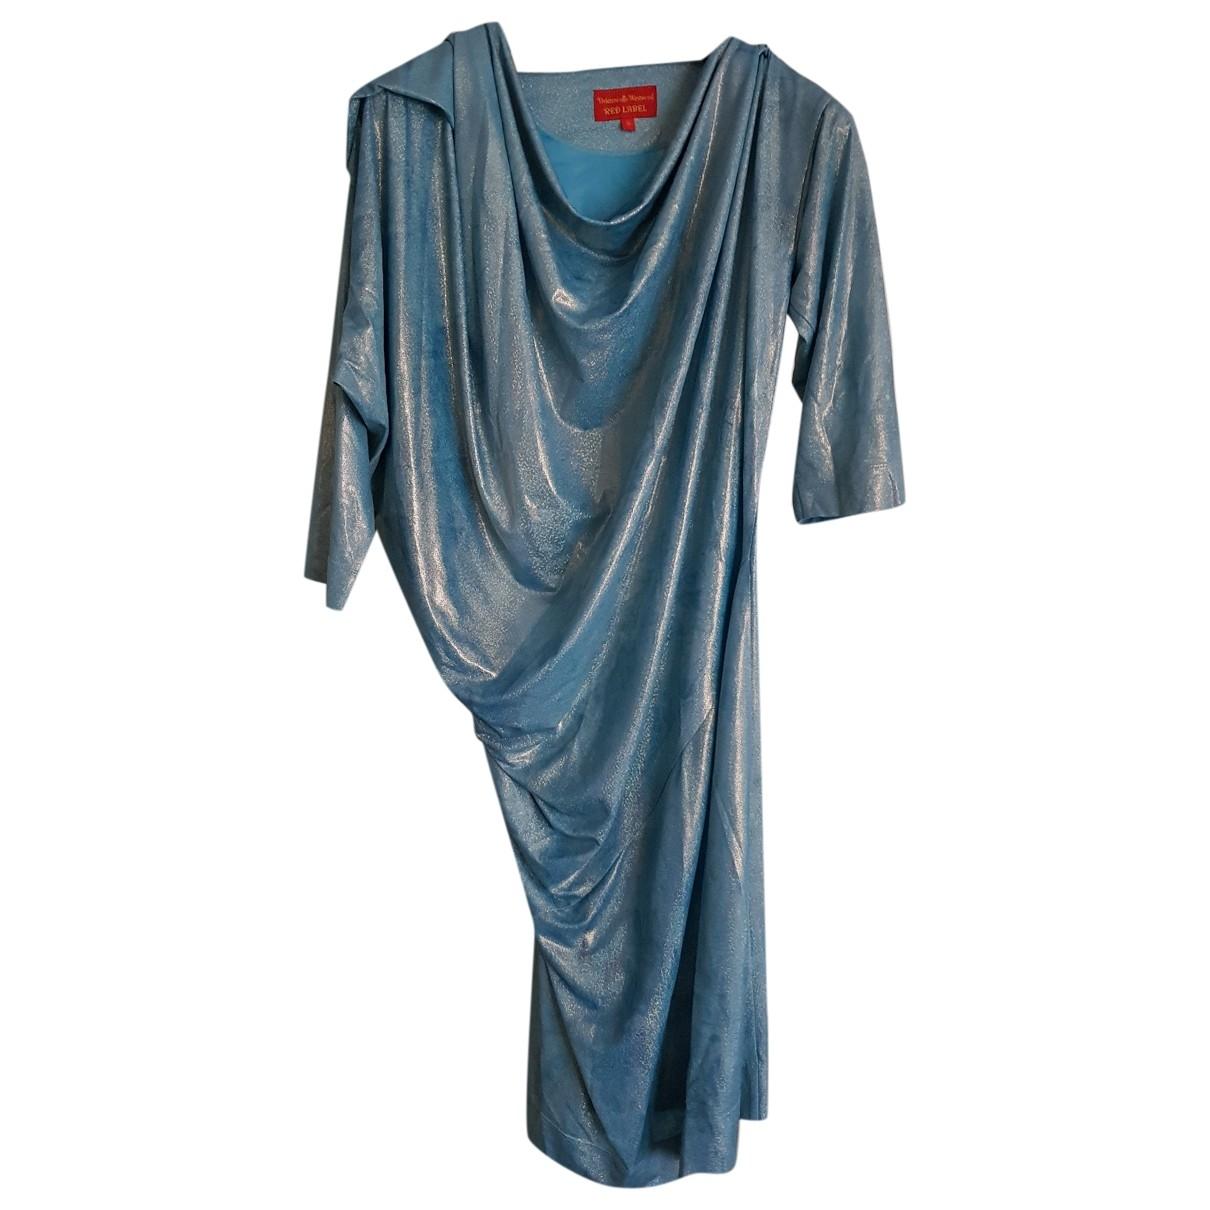 Vivienne Westwood Red Label \N Kleid in  Blau Polyester